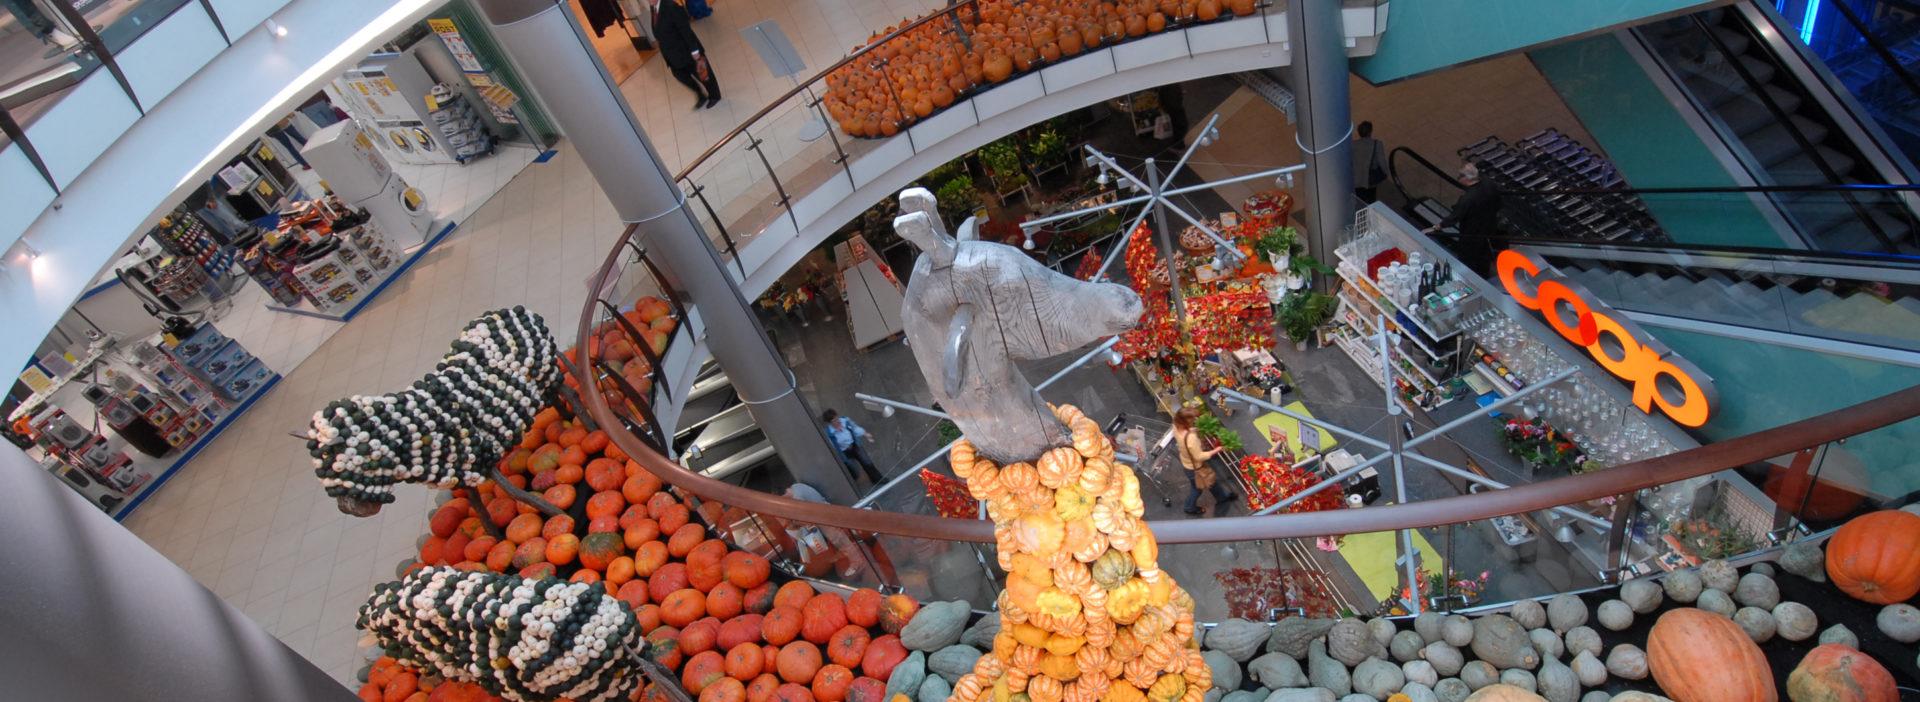 Kürbis Ausstellung mieten Einkaufszentrum